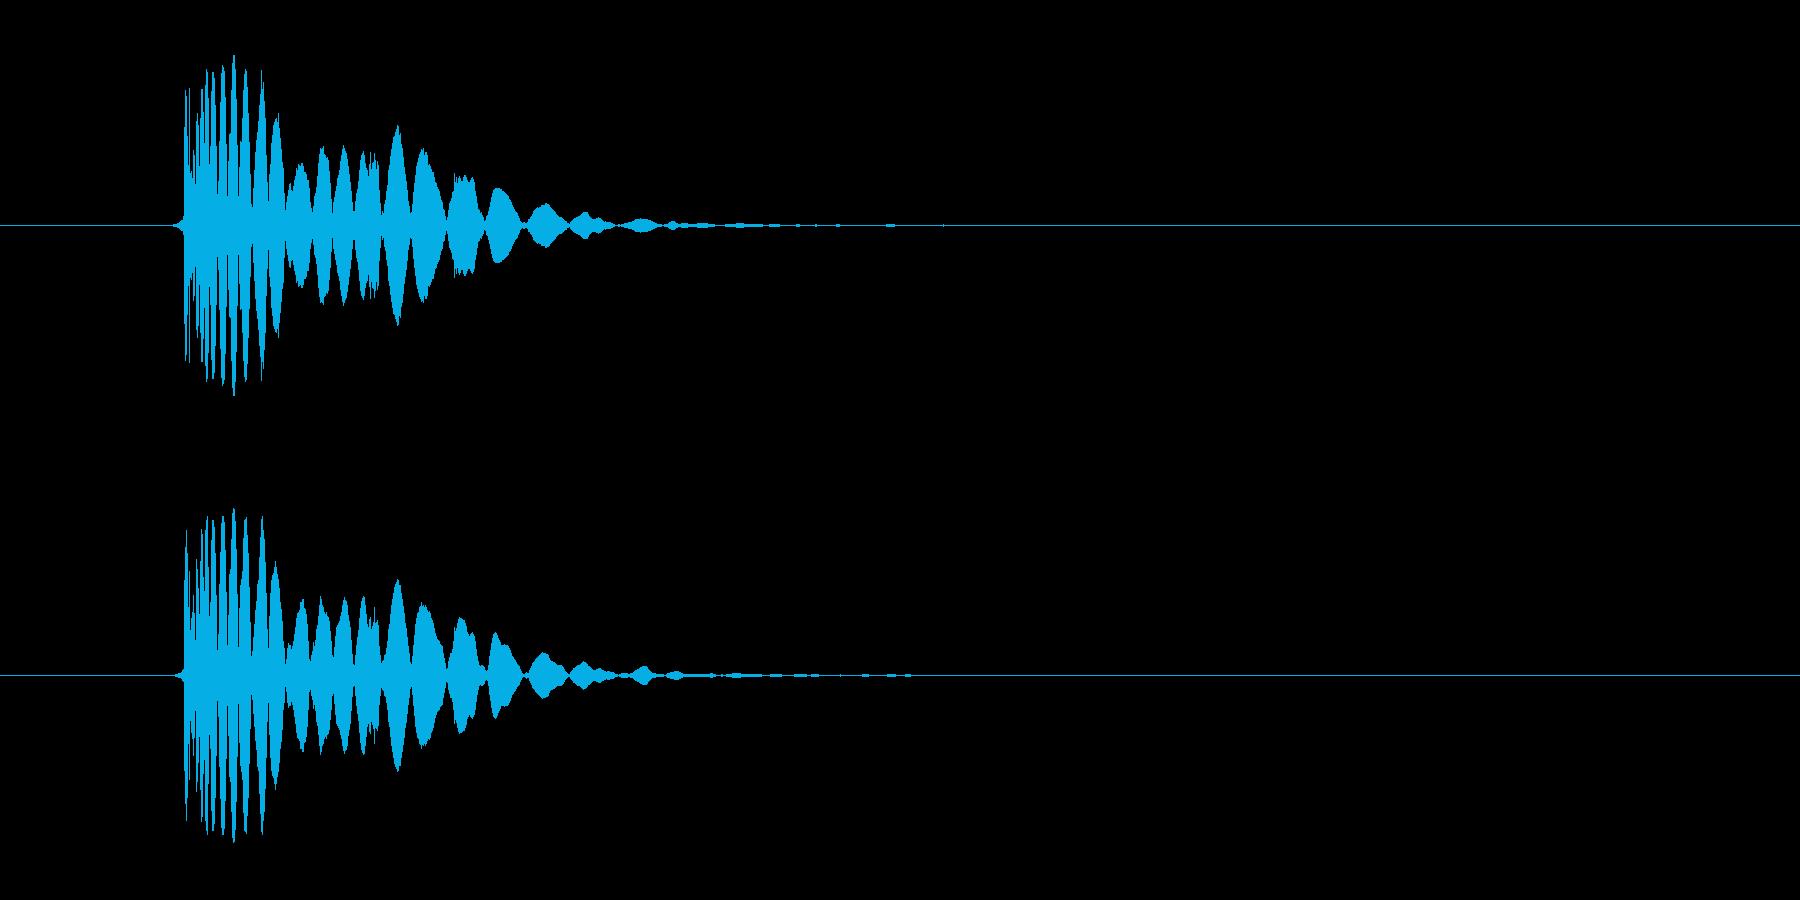 ヒット音(蹴る-8 打撃のインパクト音)の再生済みの波形